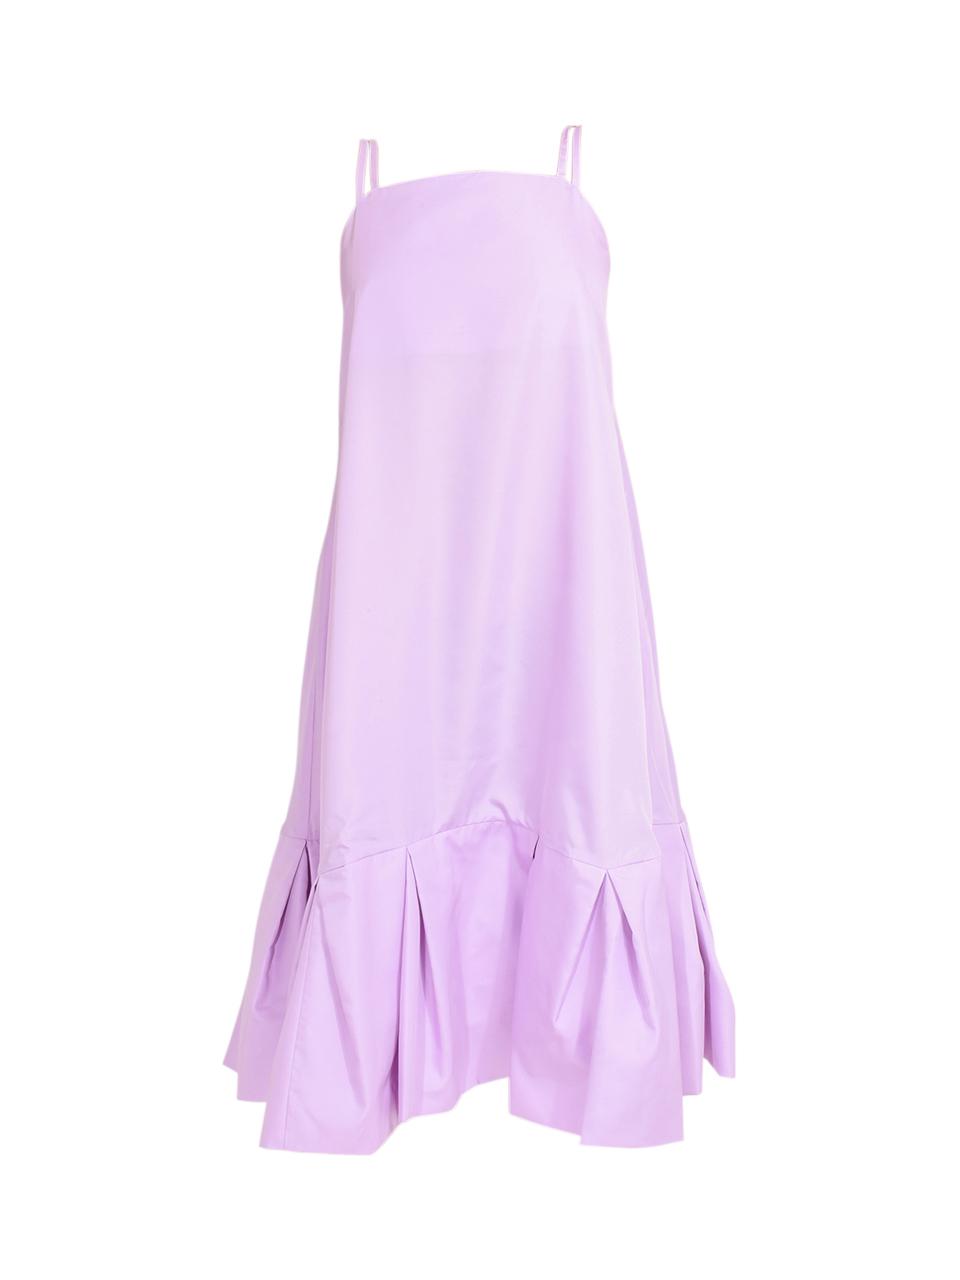 3.1 Phillip Lim Multi Strap A-Line Taffeta Dress in Lavender